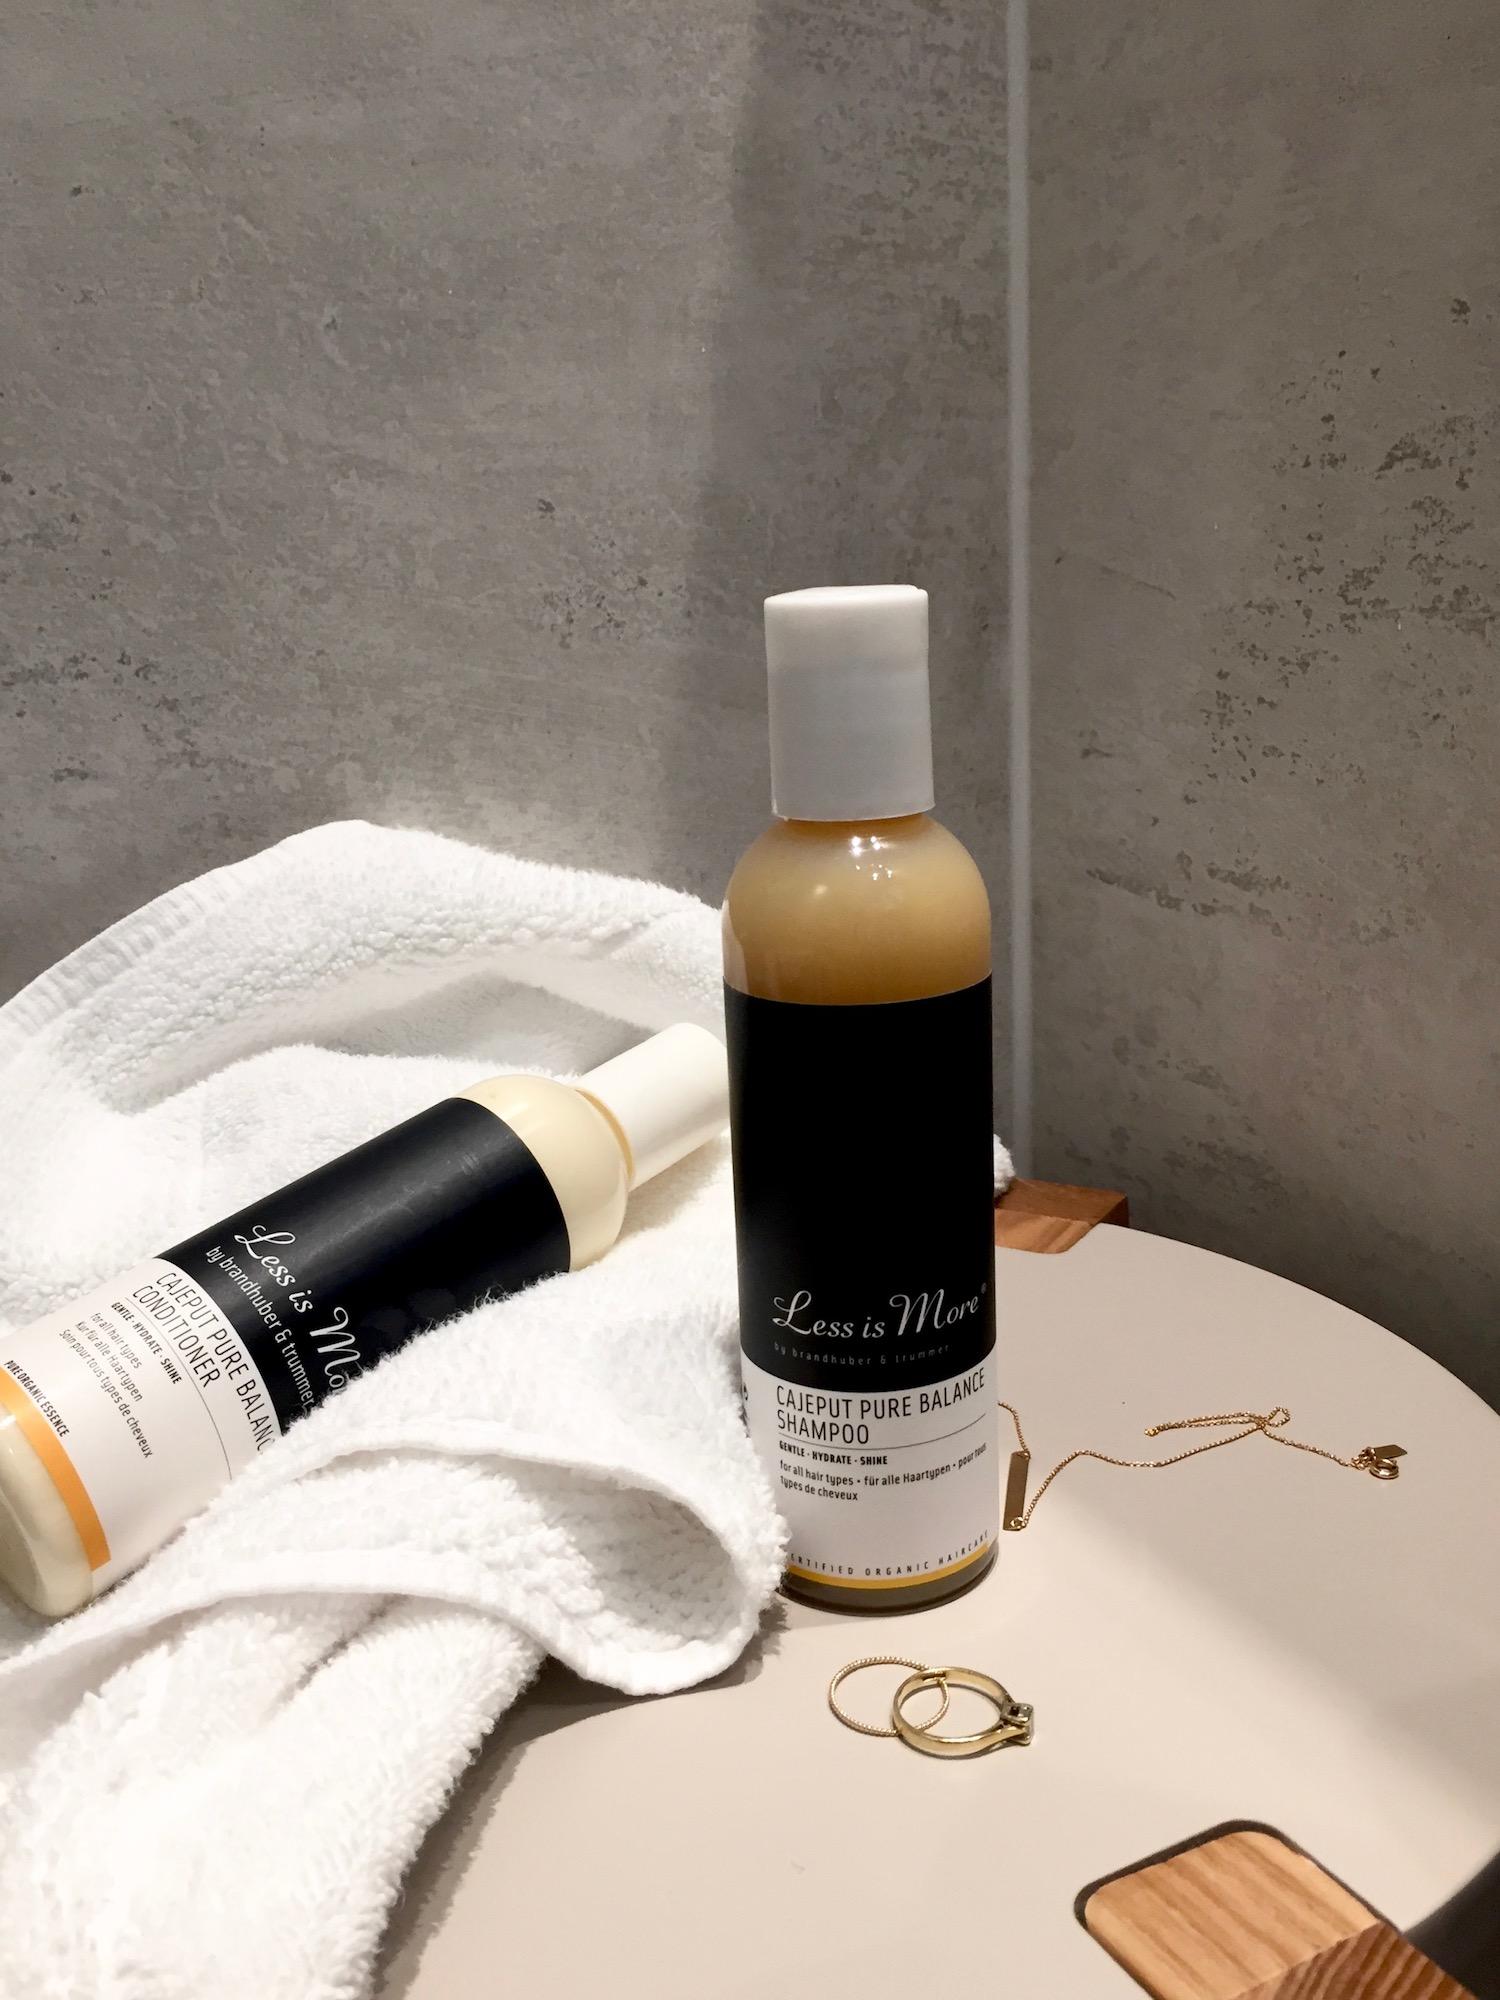 Blogazine Beautyblog Beautyblogger BAREMINDS Elina Neumann Reisen Österreich Graz Mangolds Less is More Organic Shampoo 2